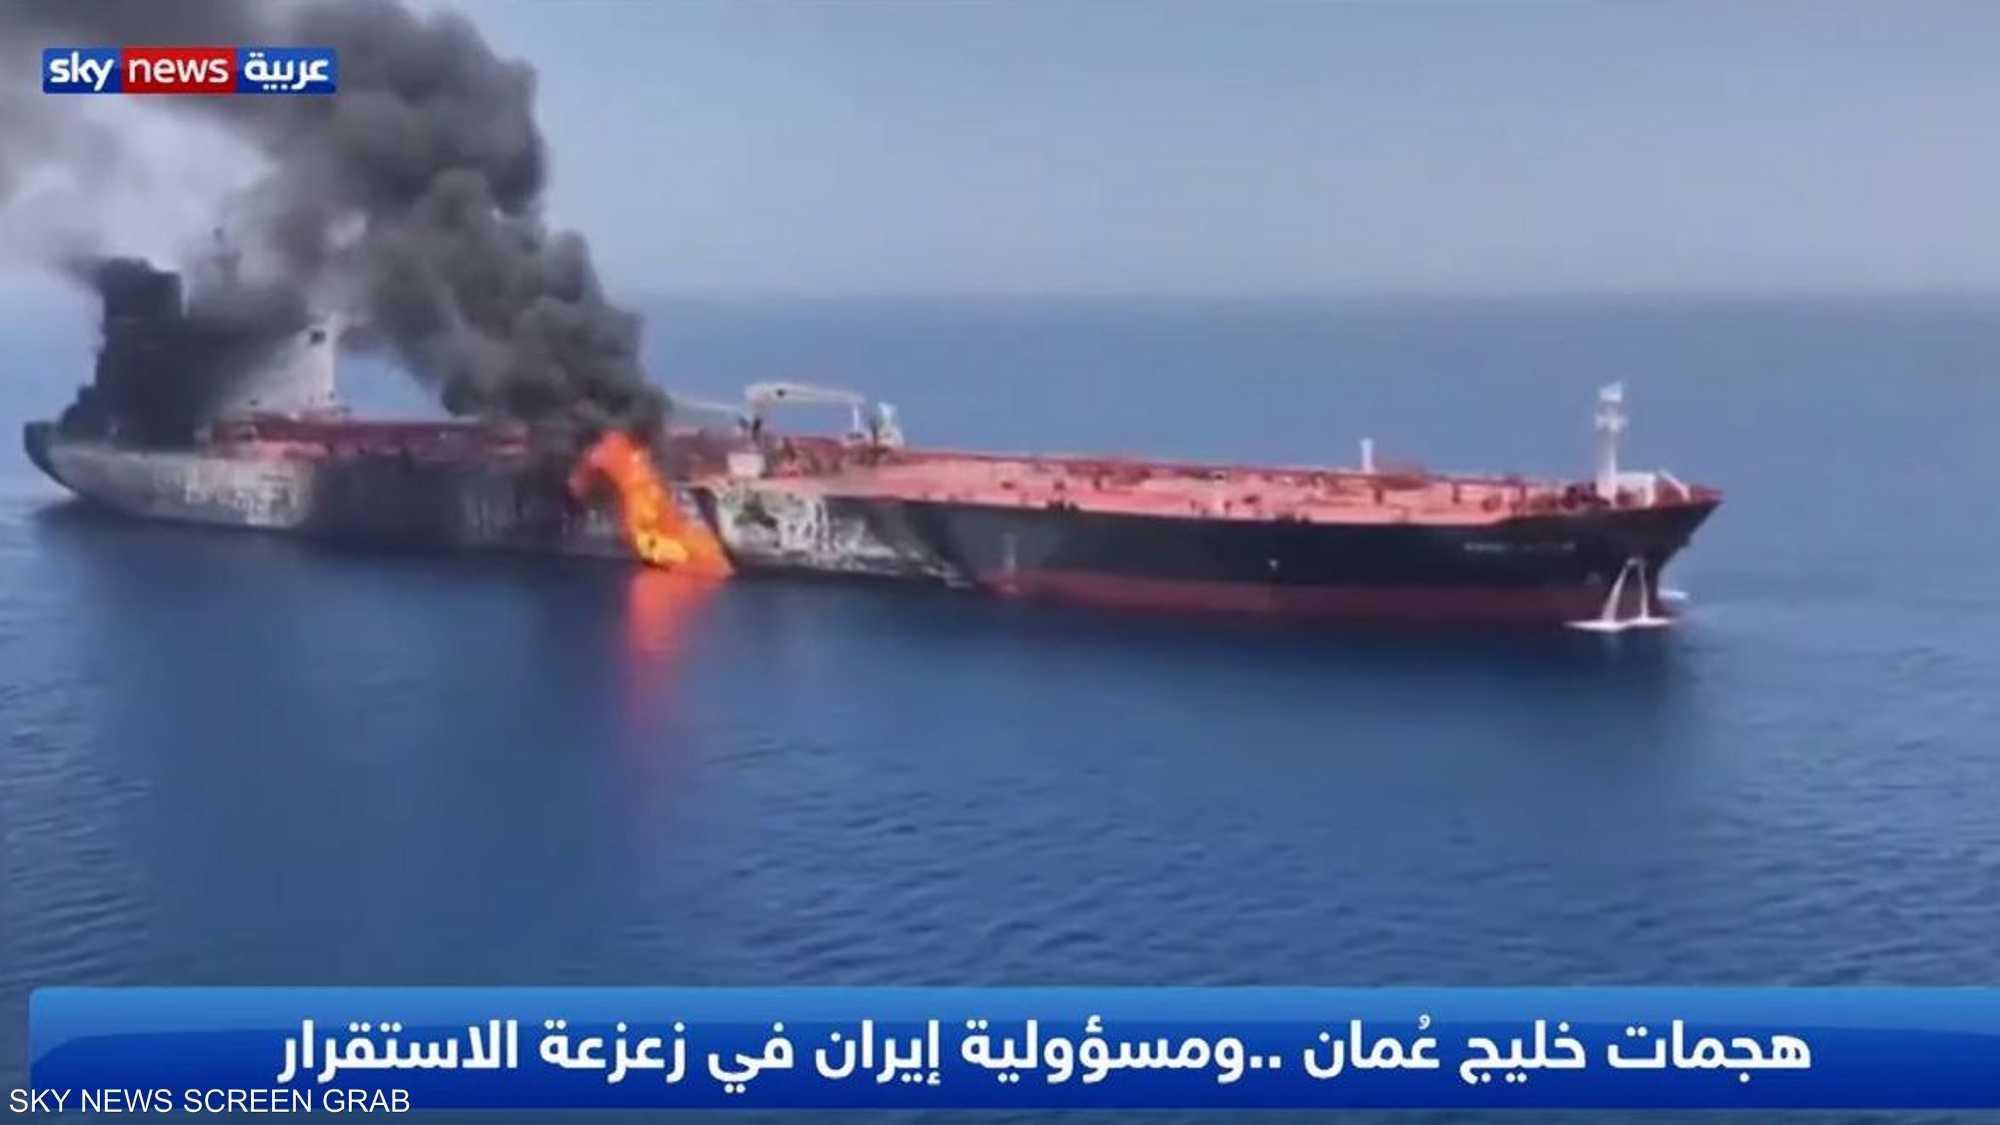 هجمات خليج عمان.. ومسؤولية إيران في زعزعة الاستقرار